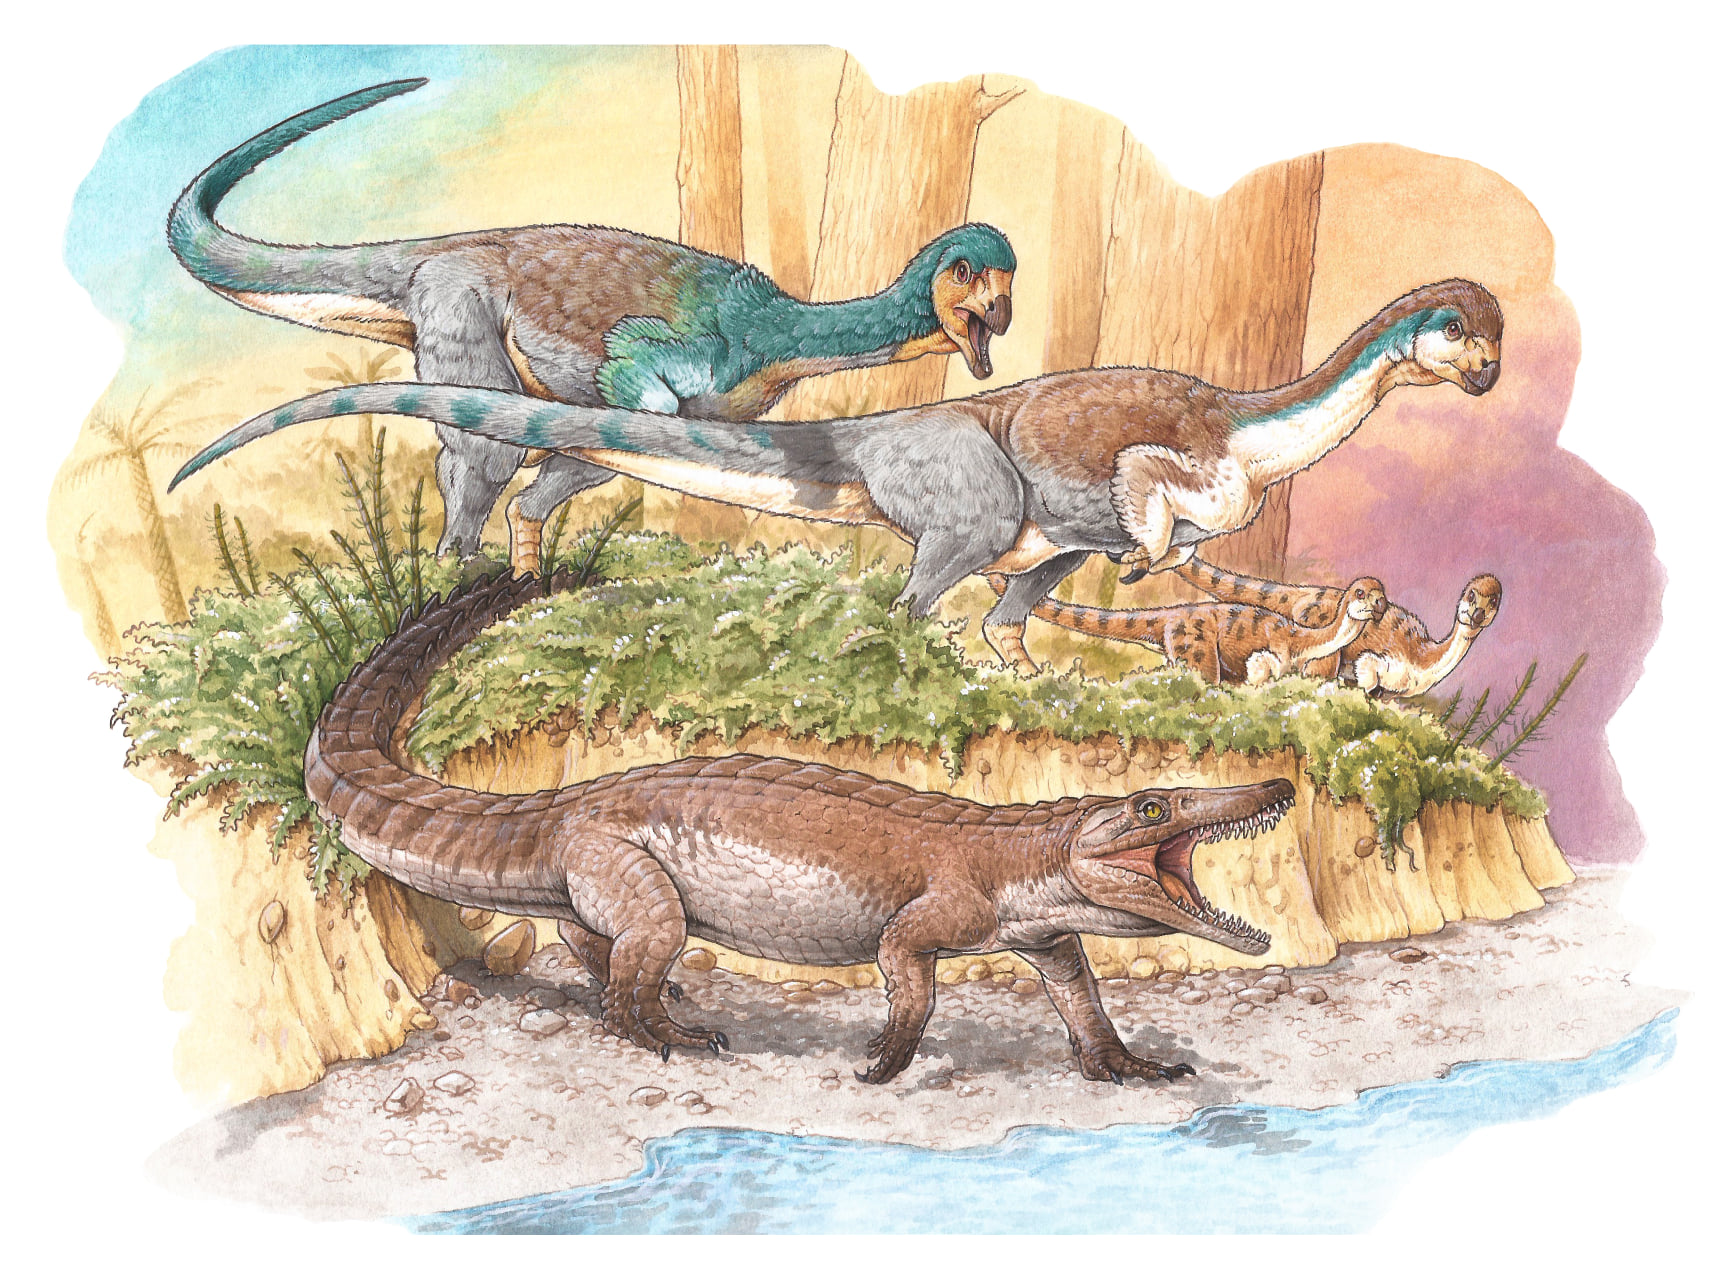 A fost descoperită o fosilă veche de 150 de milioane de ani. Aparține unui ''bunic'' al crocodilului. FOTO